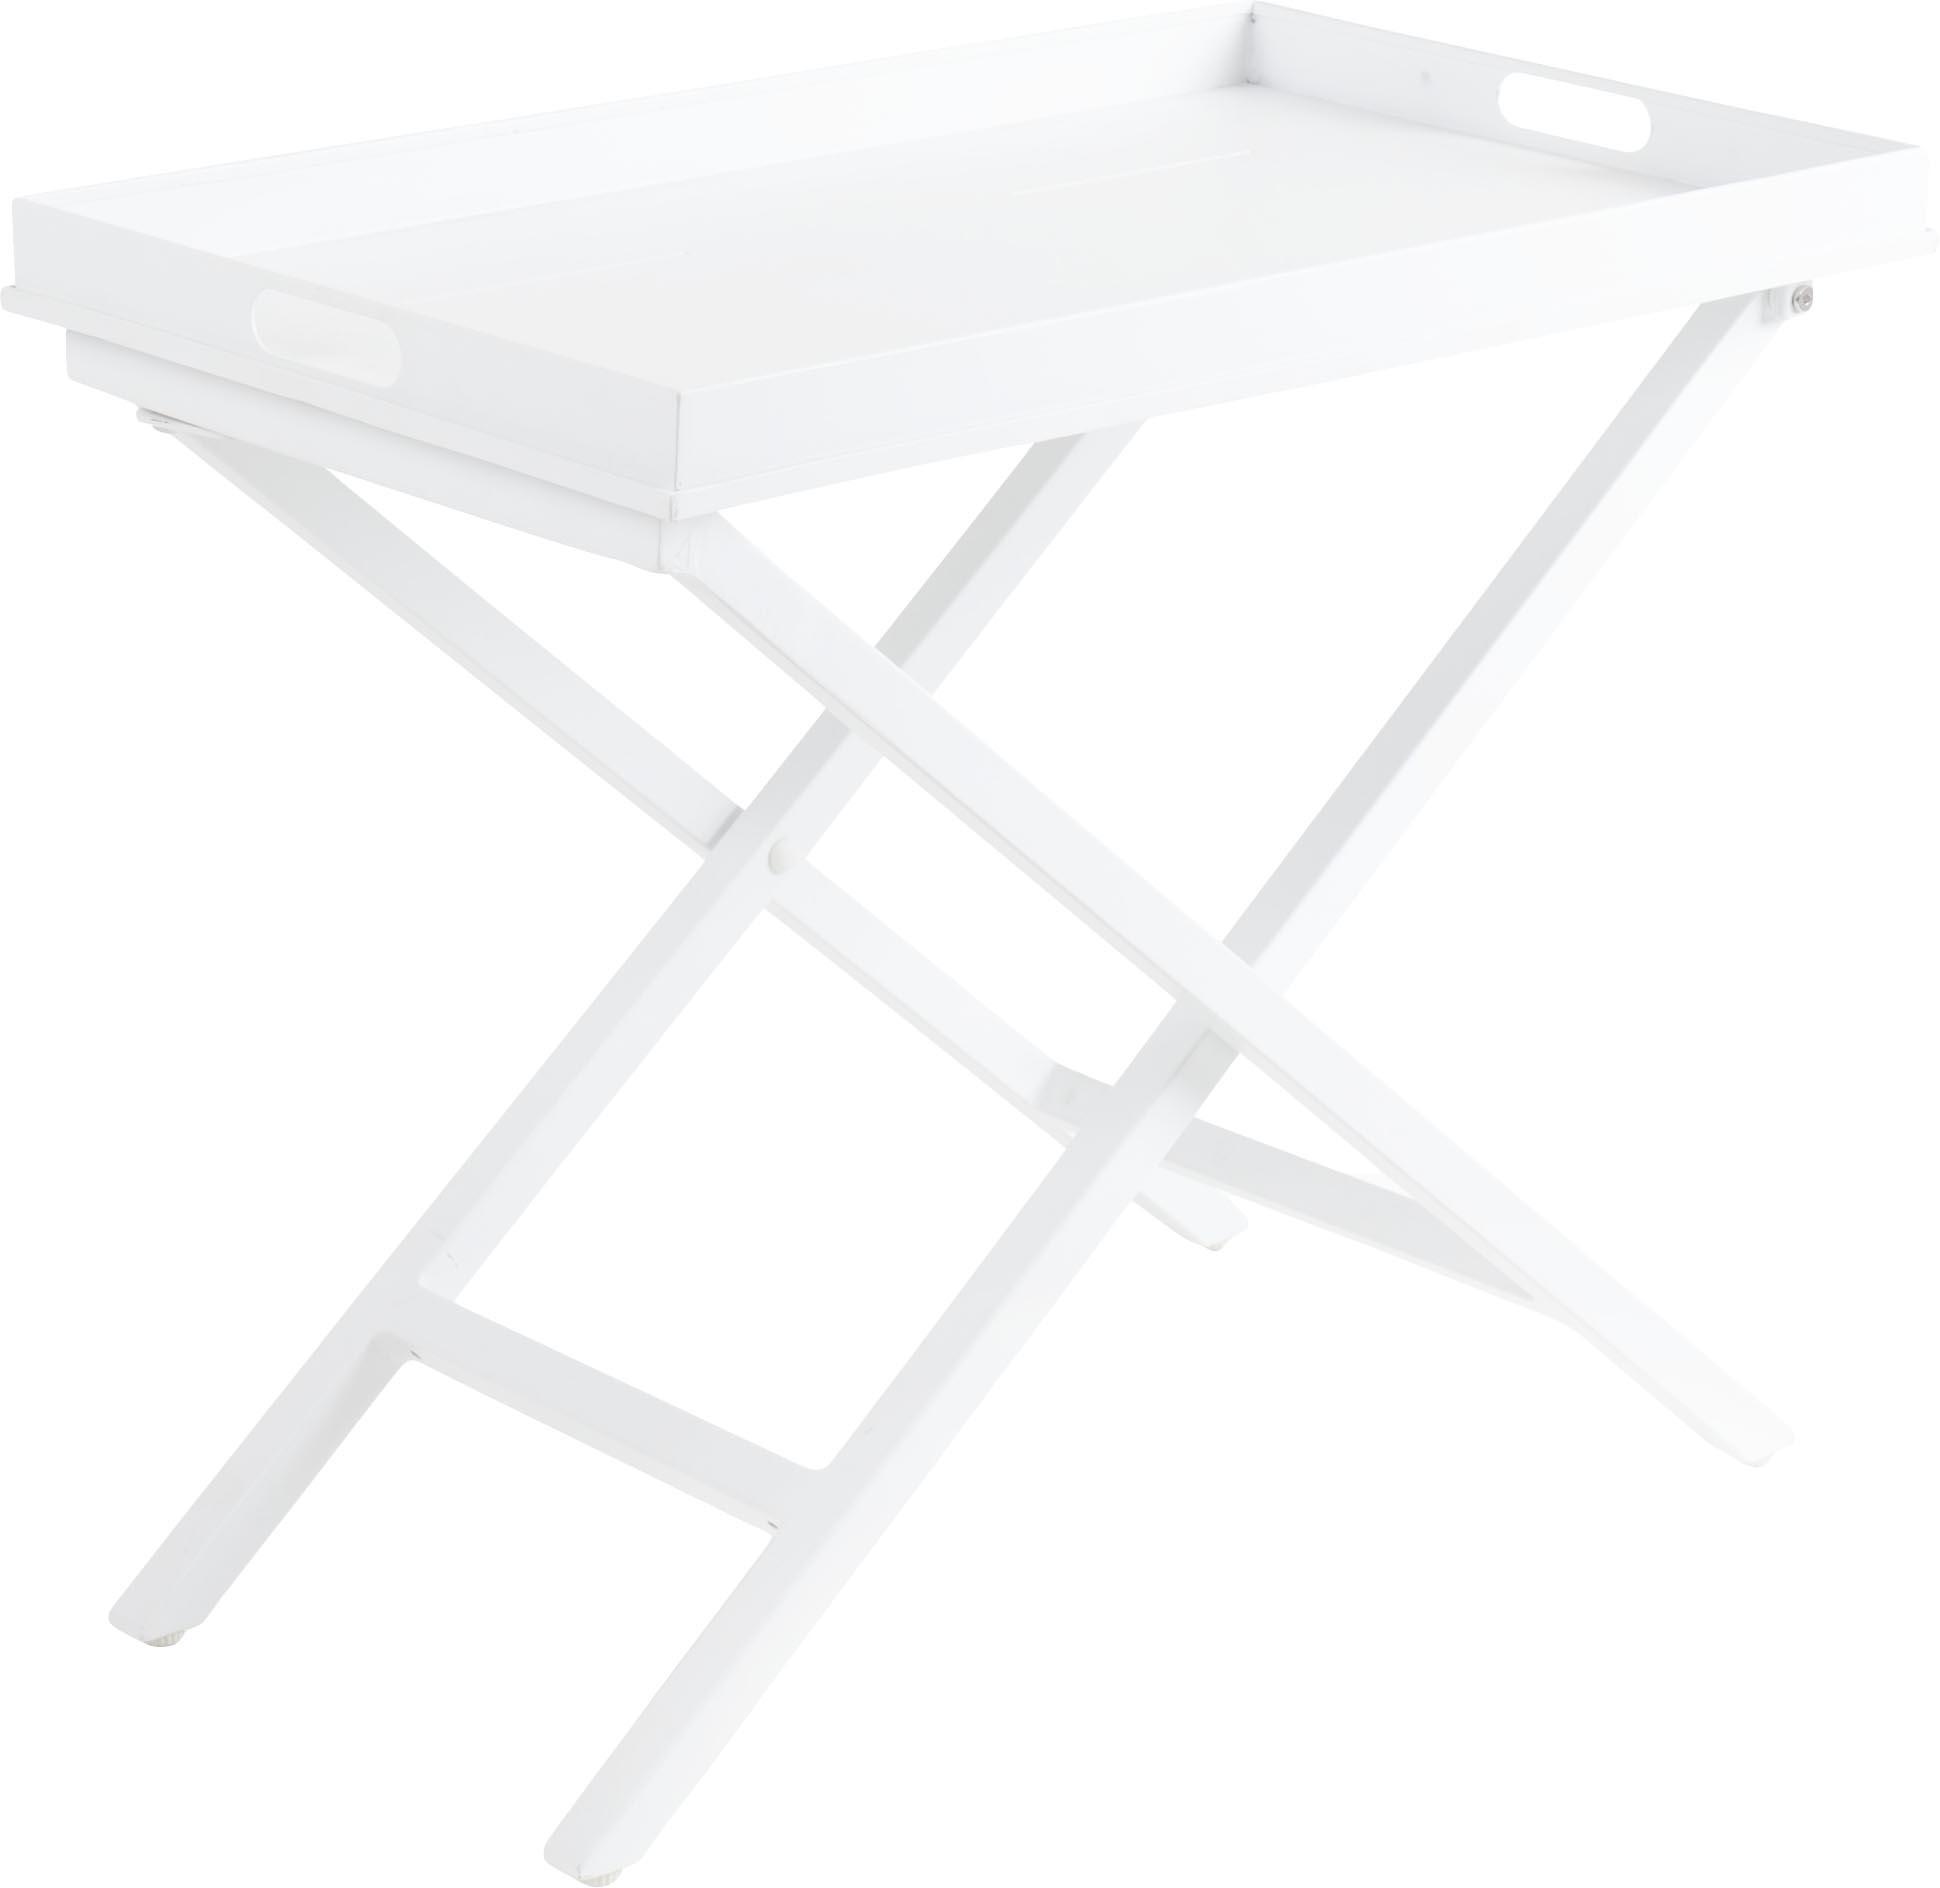 Tabletttisch Vero, Aluminium, beschichtet, Weiss, matt, 70 x 60 cm